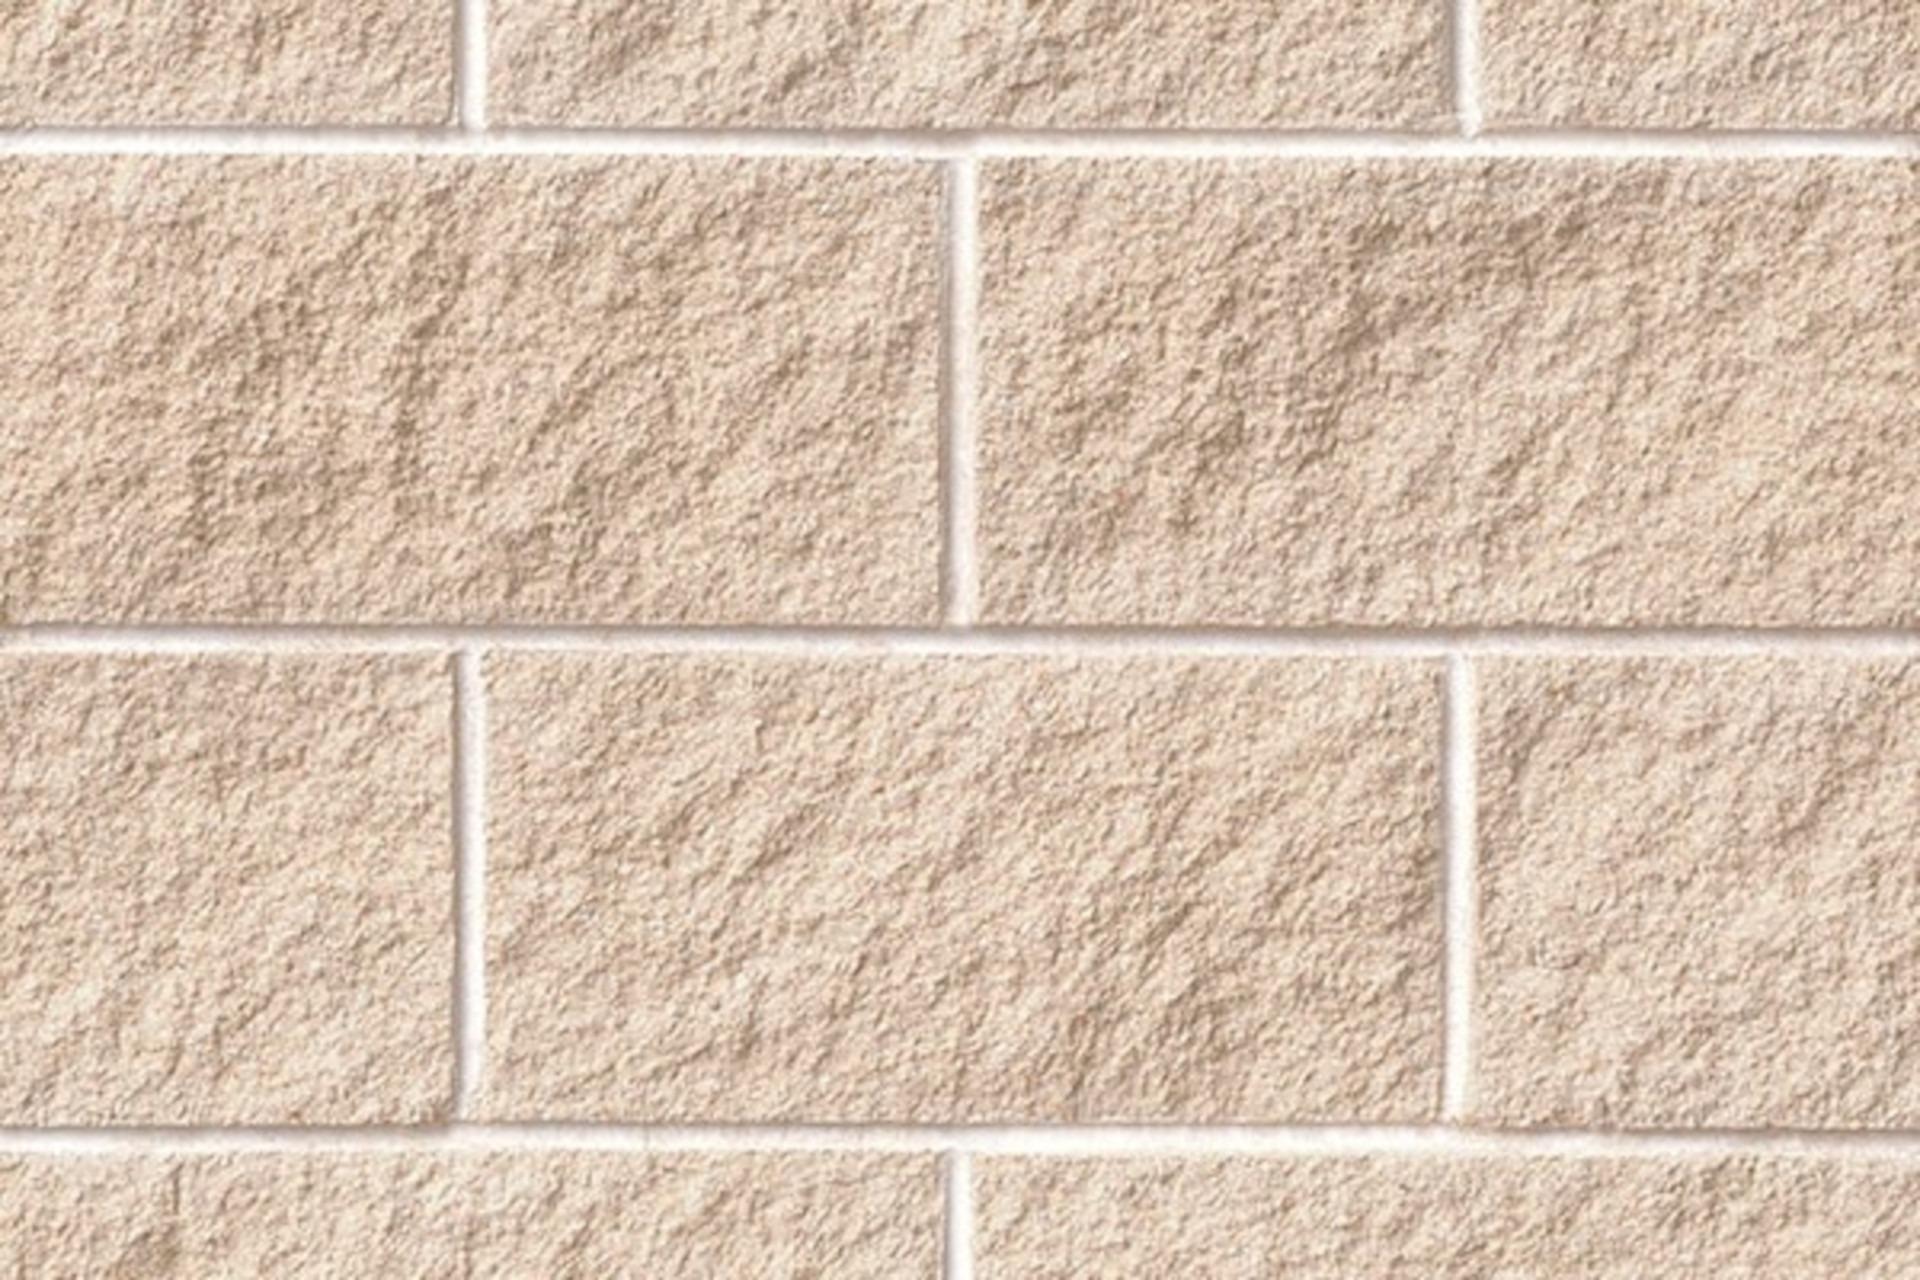 110 Austin Limestone Concrete Block